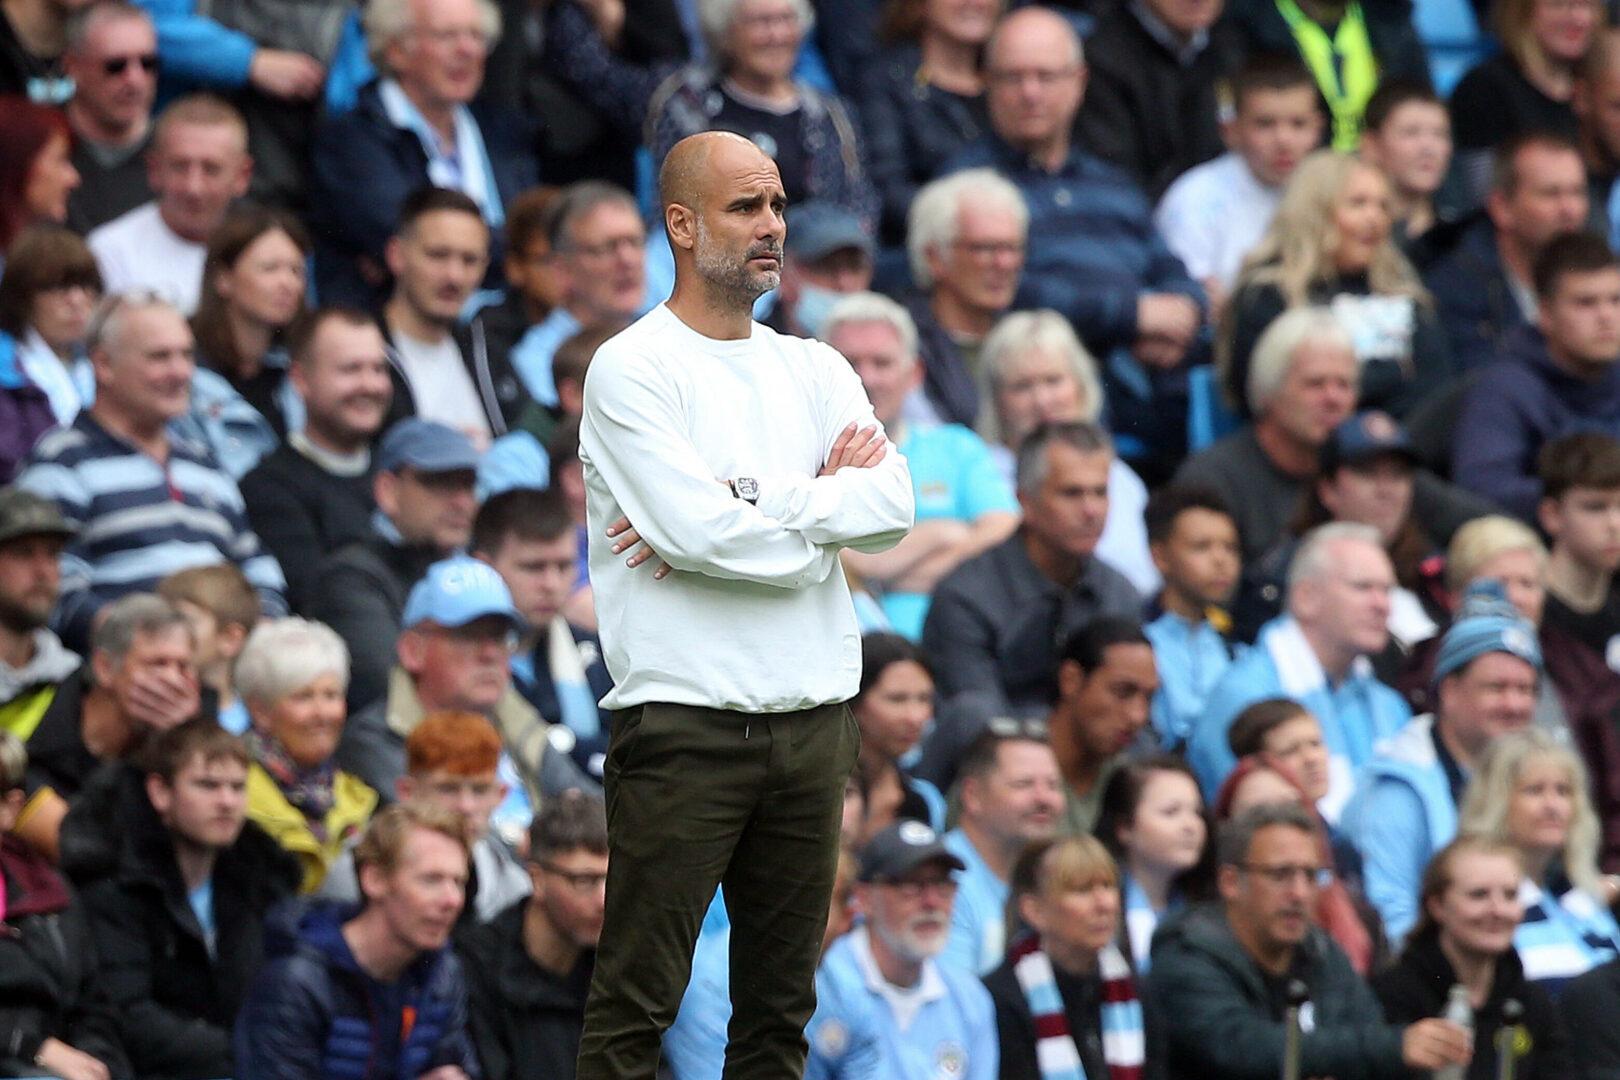 Pep Guardiola beobachtet das Spiel von Manchester City mit verschränkten Armen